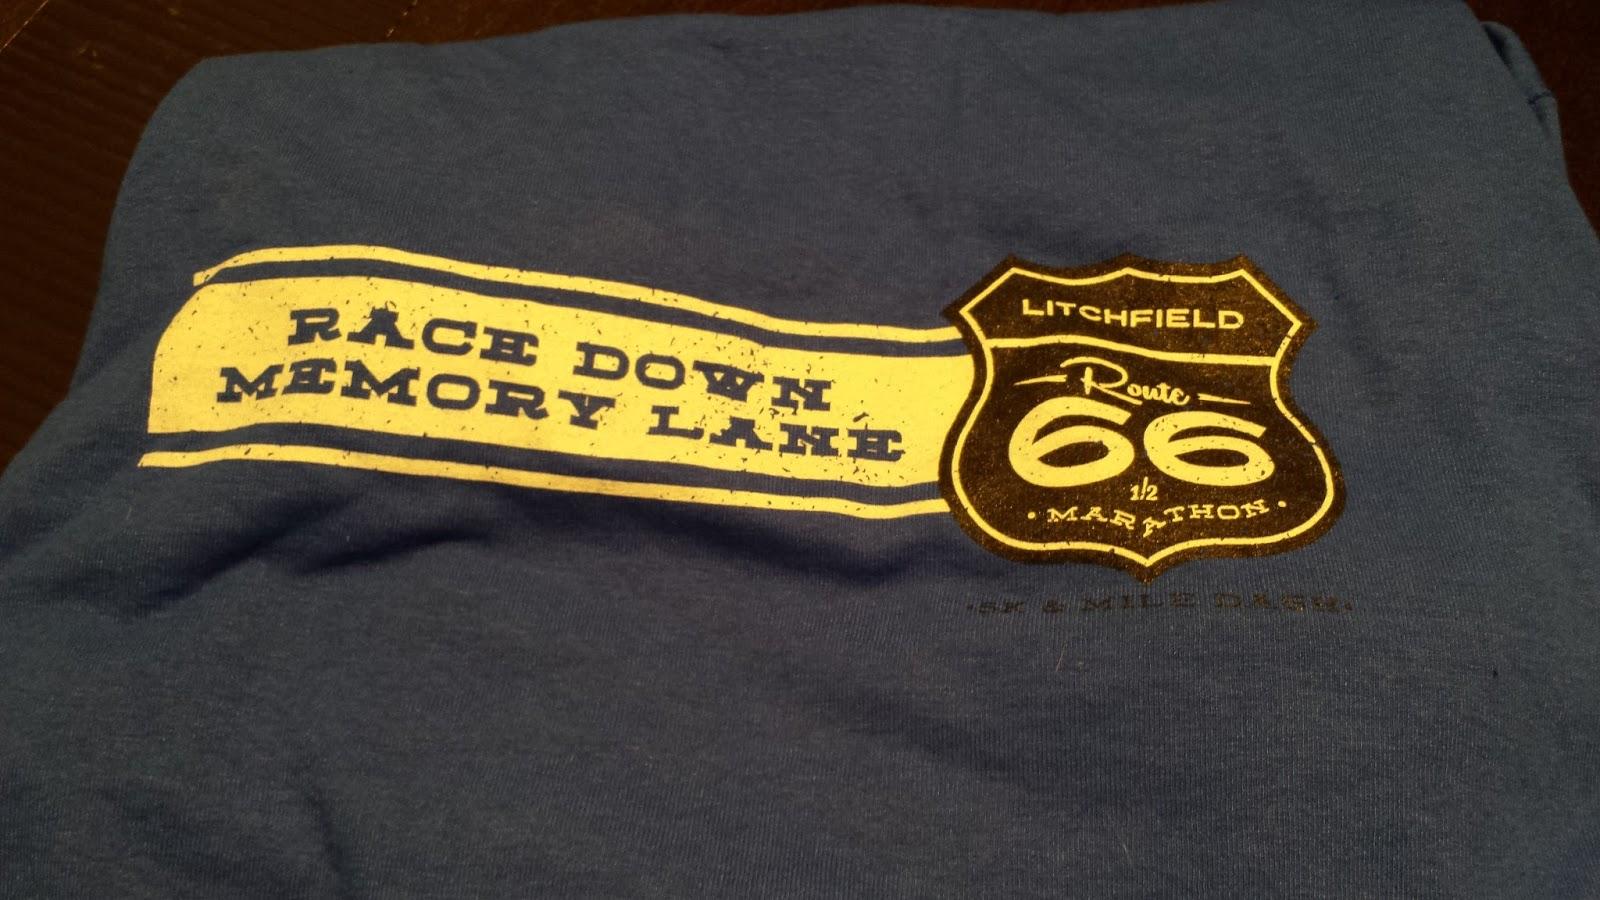 Route 66 half marathon coupon - Deals rental